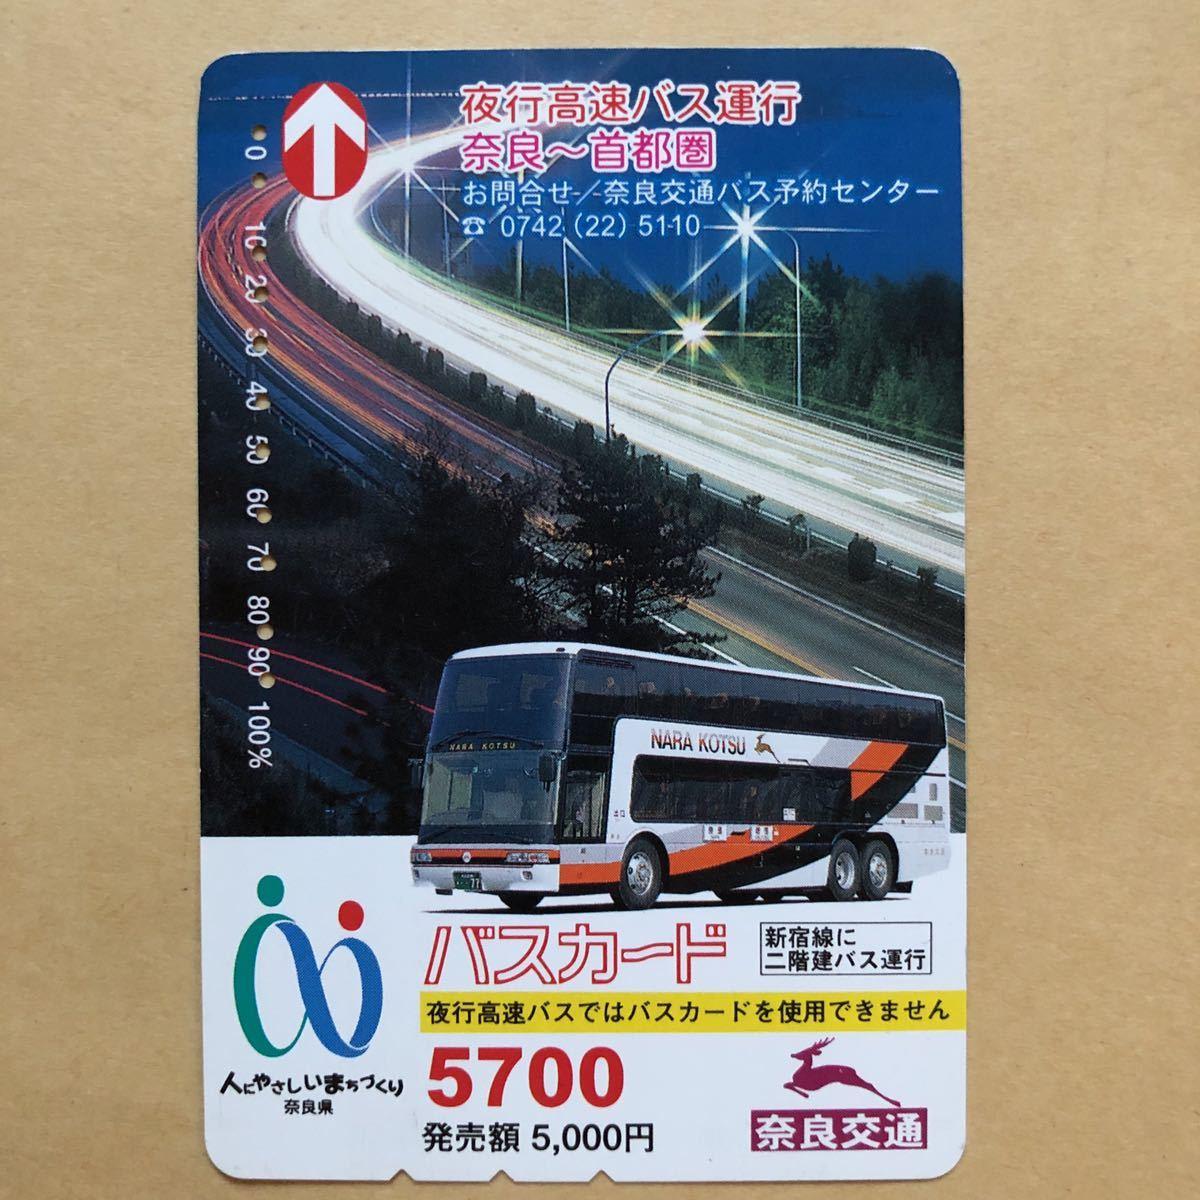 ヤフオク! - 【使用済】 バスカード 奈良交通 夜行高速バス運...